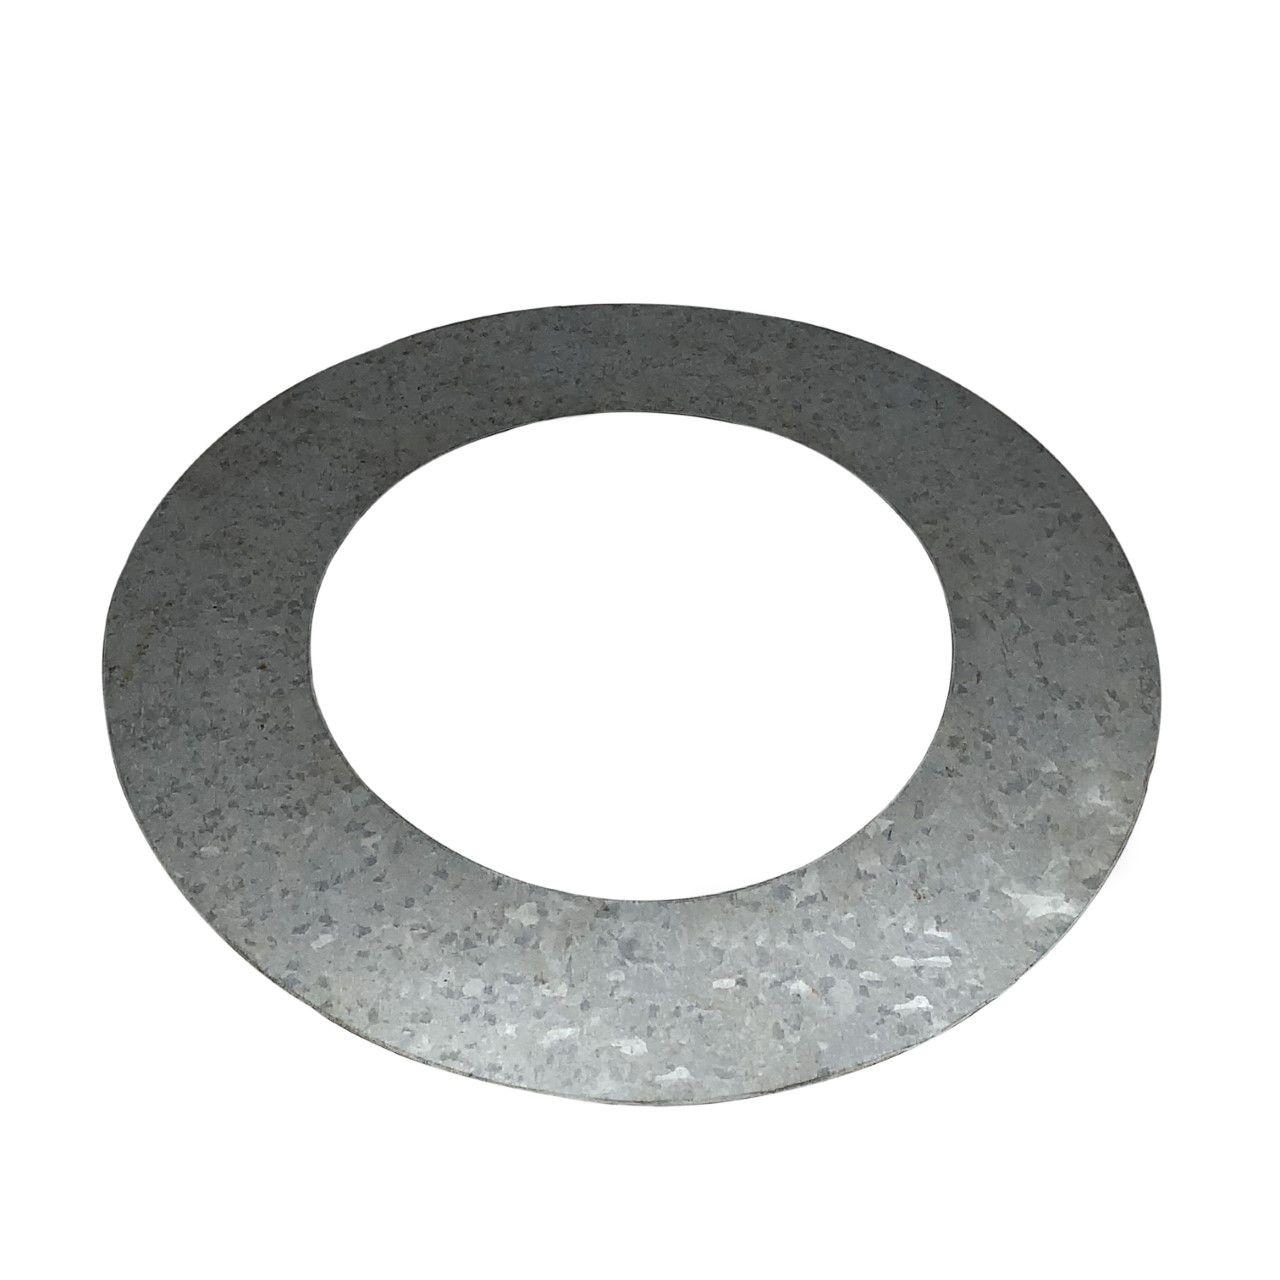 Anel de acabamento galvanizado para laje ou parede para dutos de 180 mm de diâmetro  - Galvocalhas